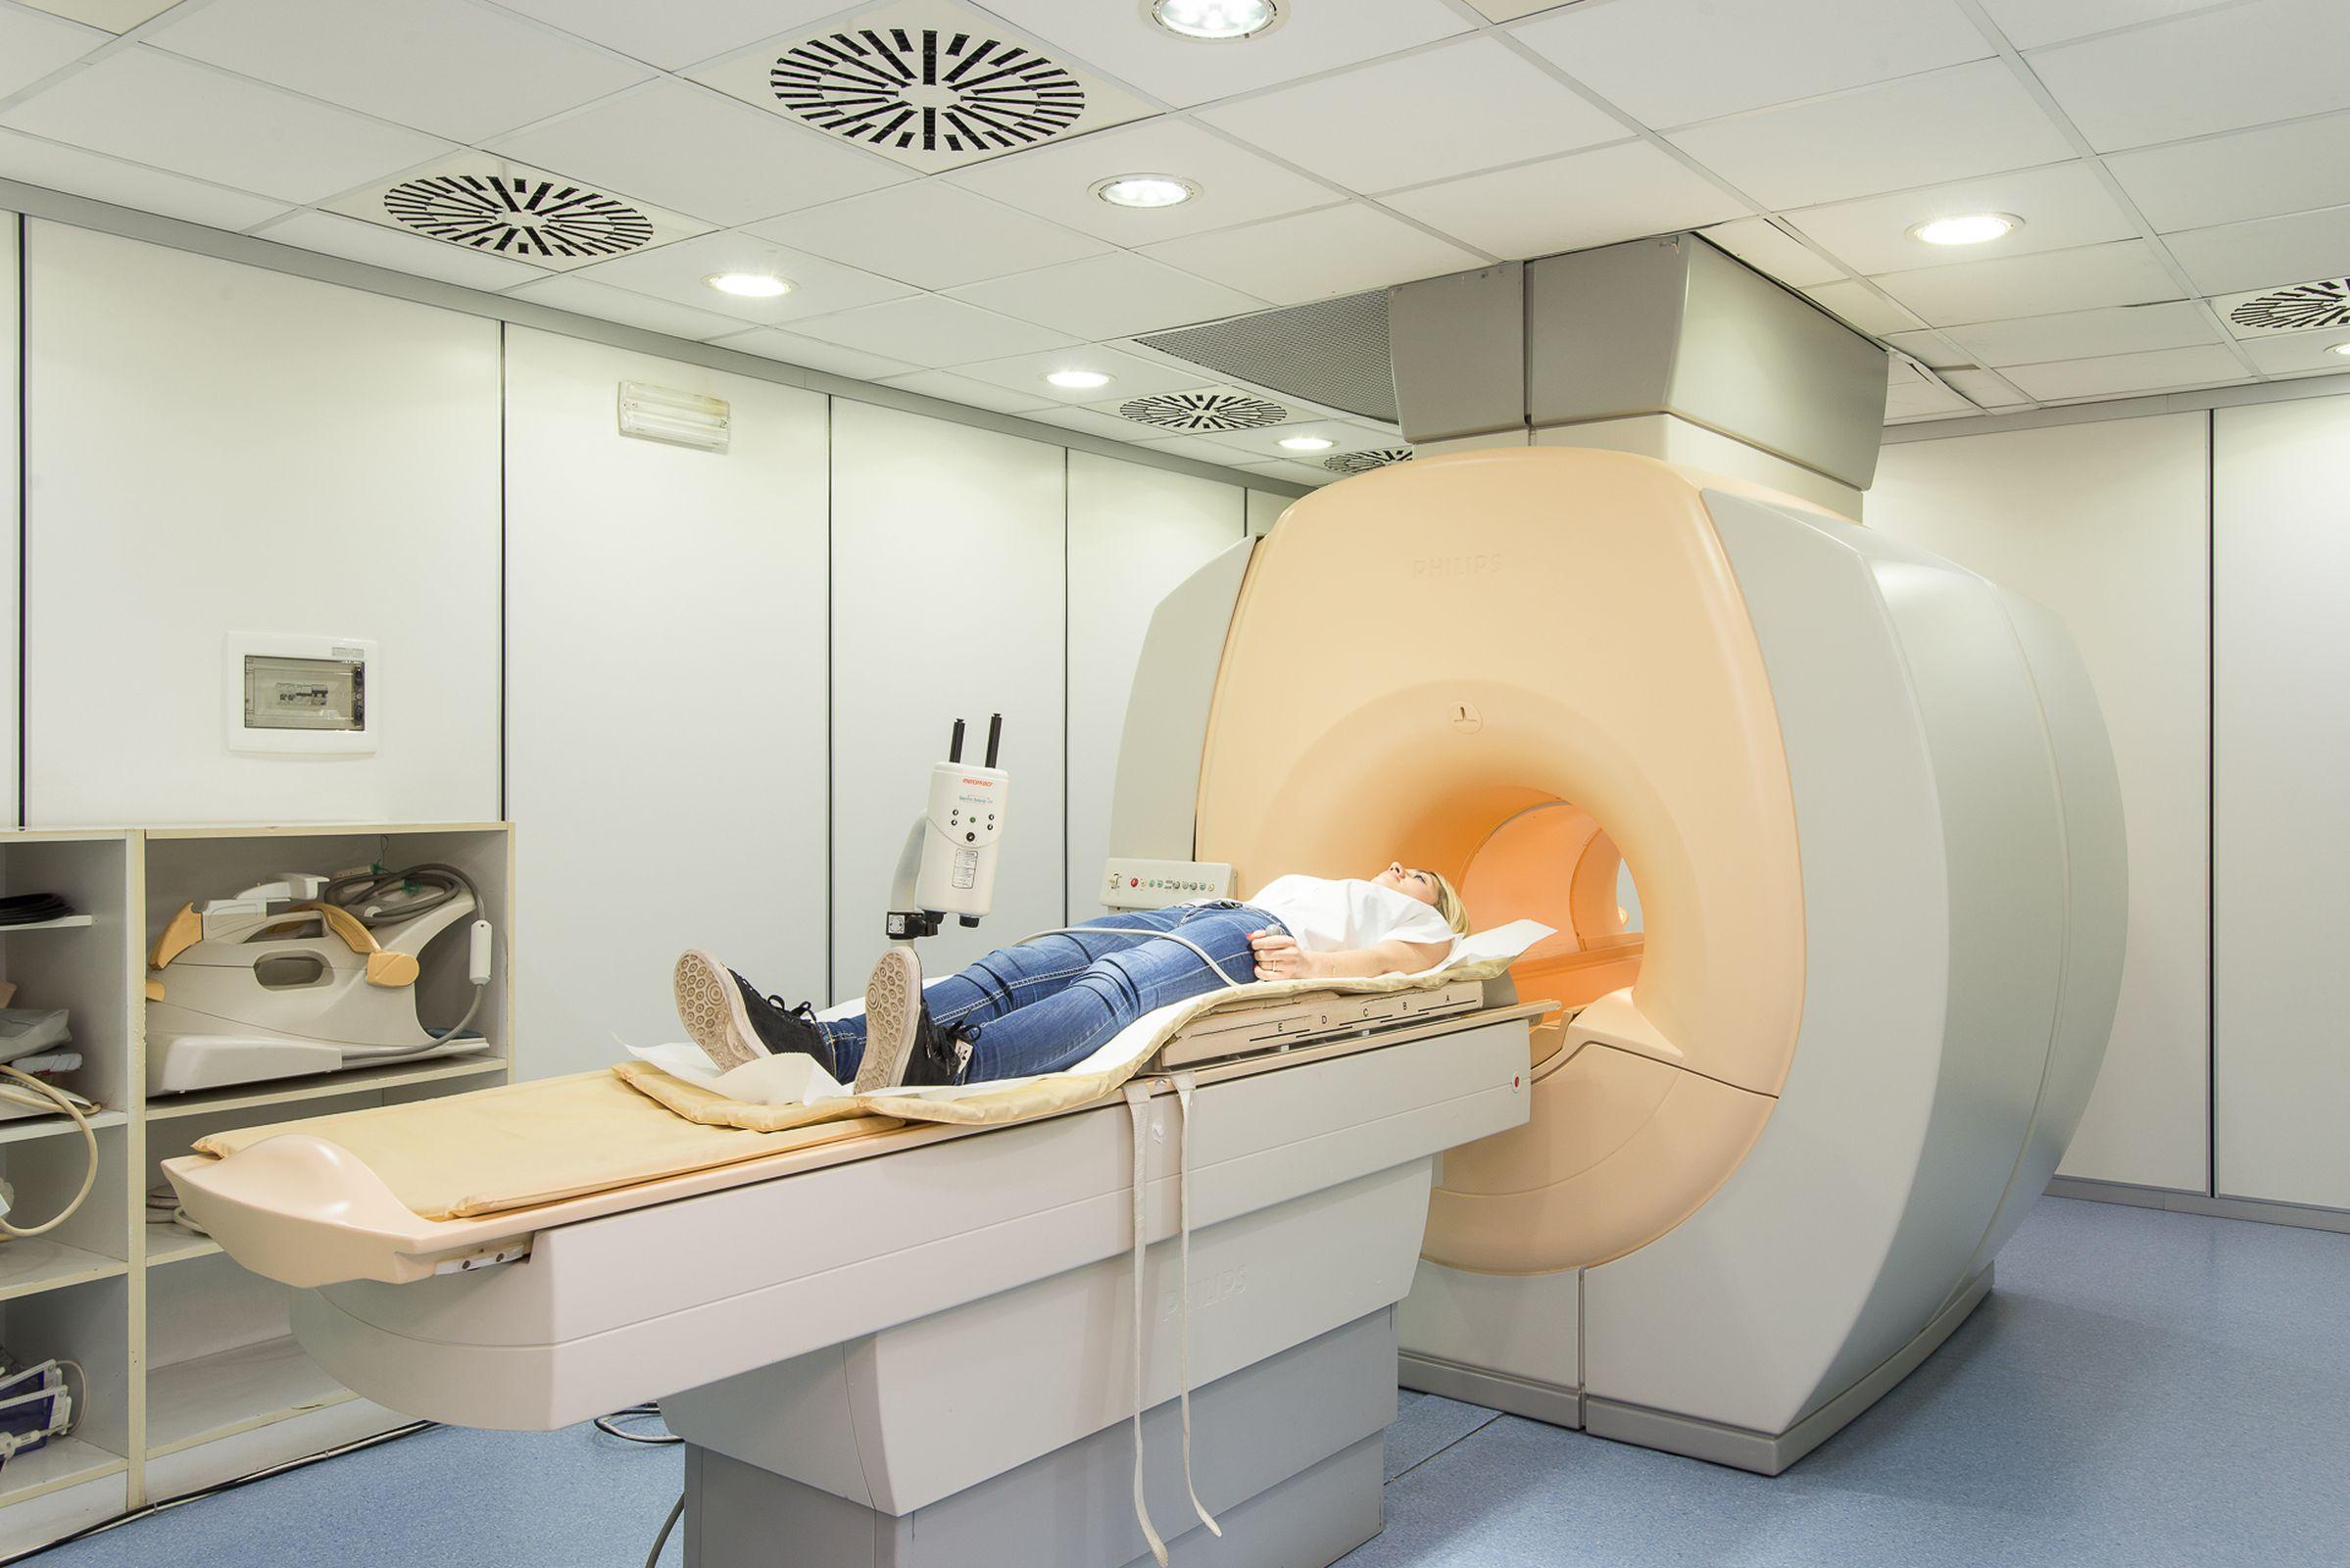 Salerno 2000 - Centro Diagnostico - Risonanza Magnetica 1,5T-2